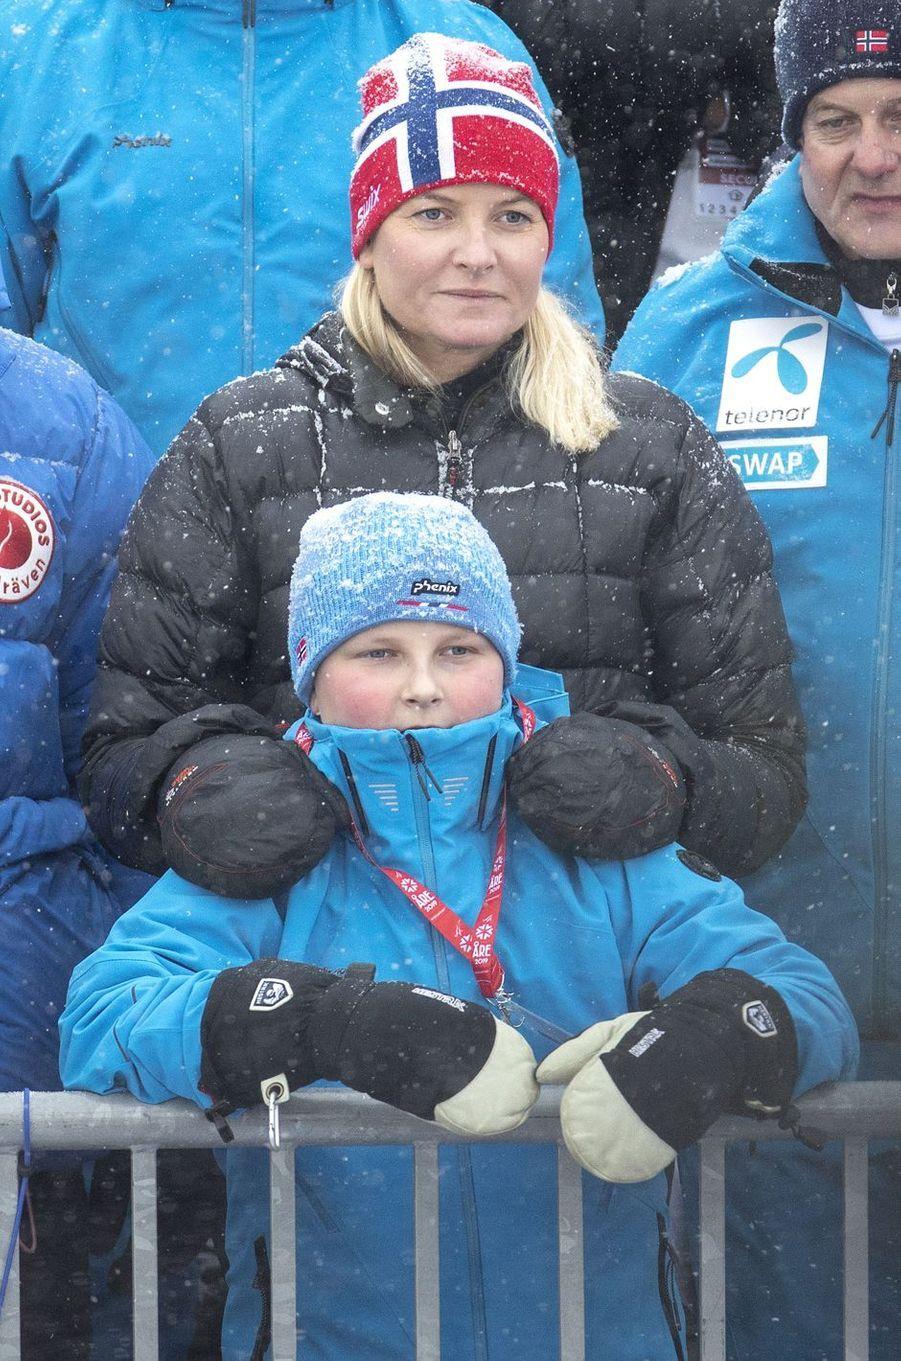 La princesse Mette-Marit et le prince Sverre Magnus de Norvège à Are, le 10 février 2019